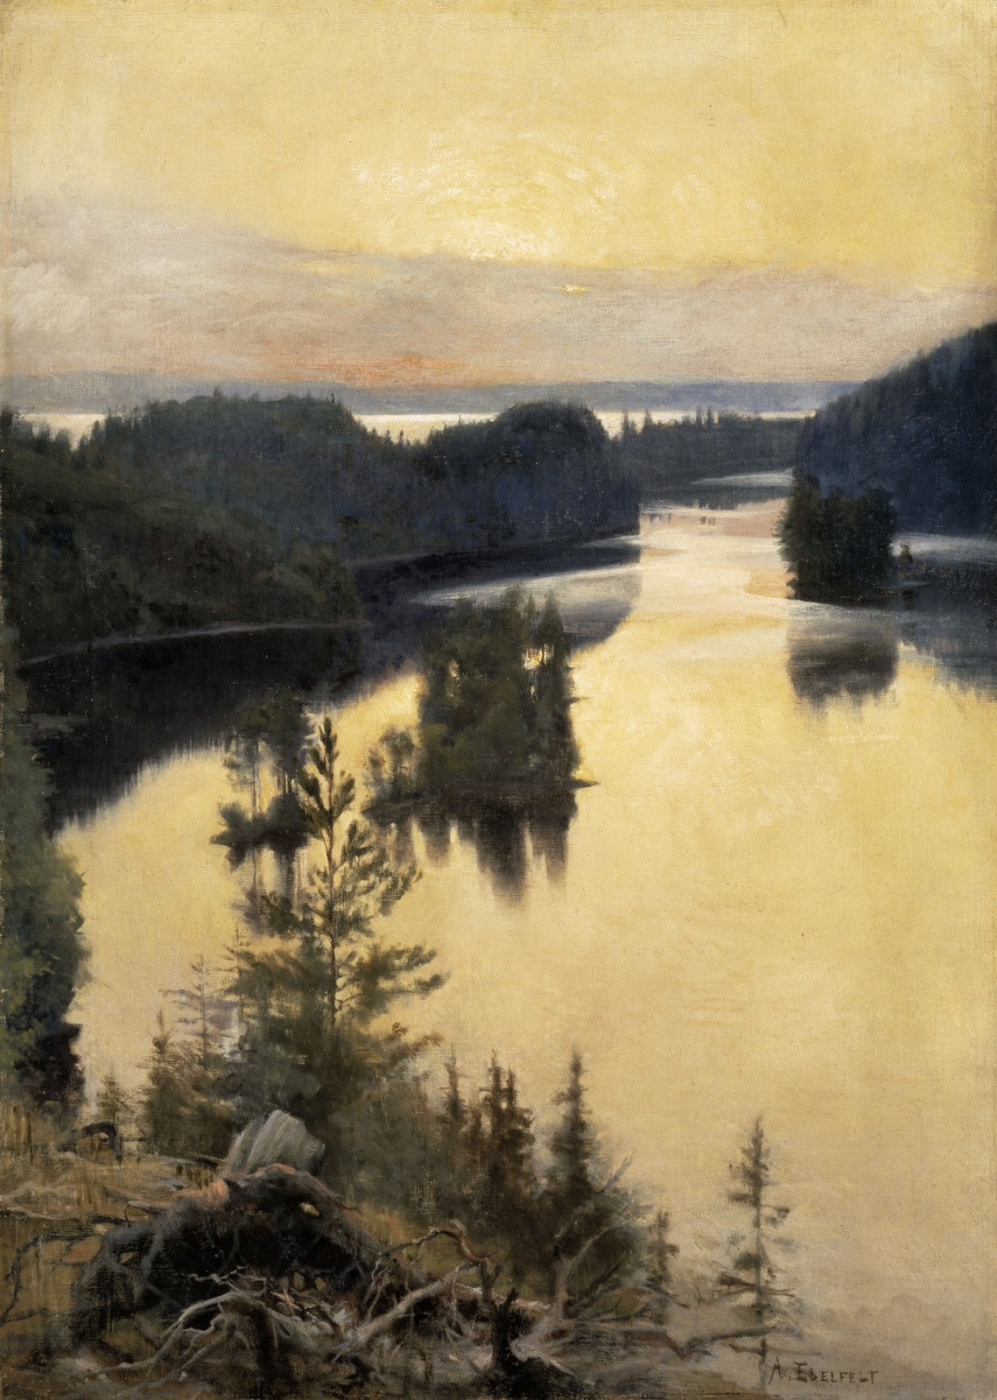 Альберт Густав Аристид Эдельфельт. Каукольский хребет на закате. 1889-1890